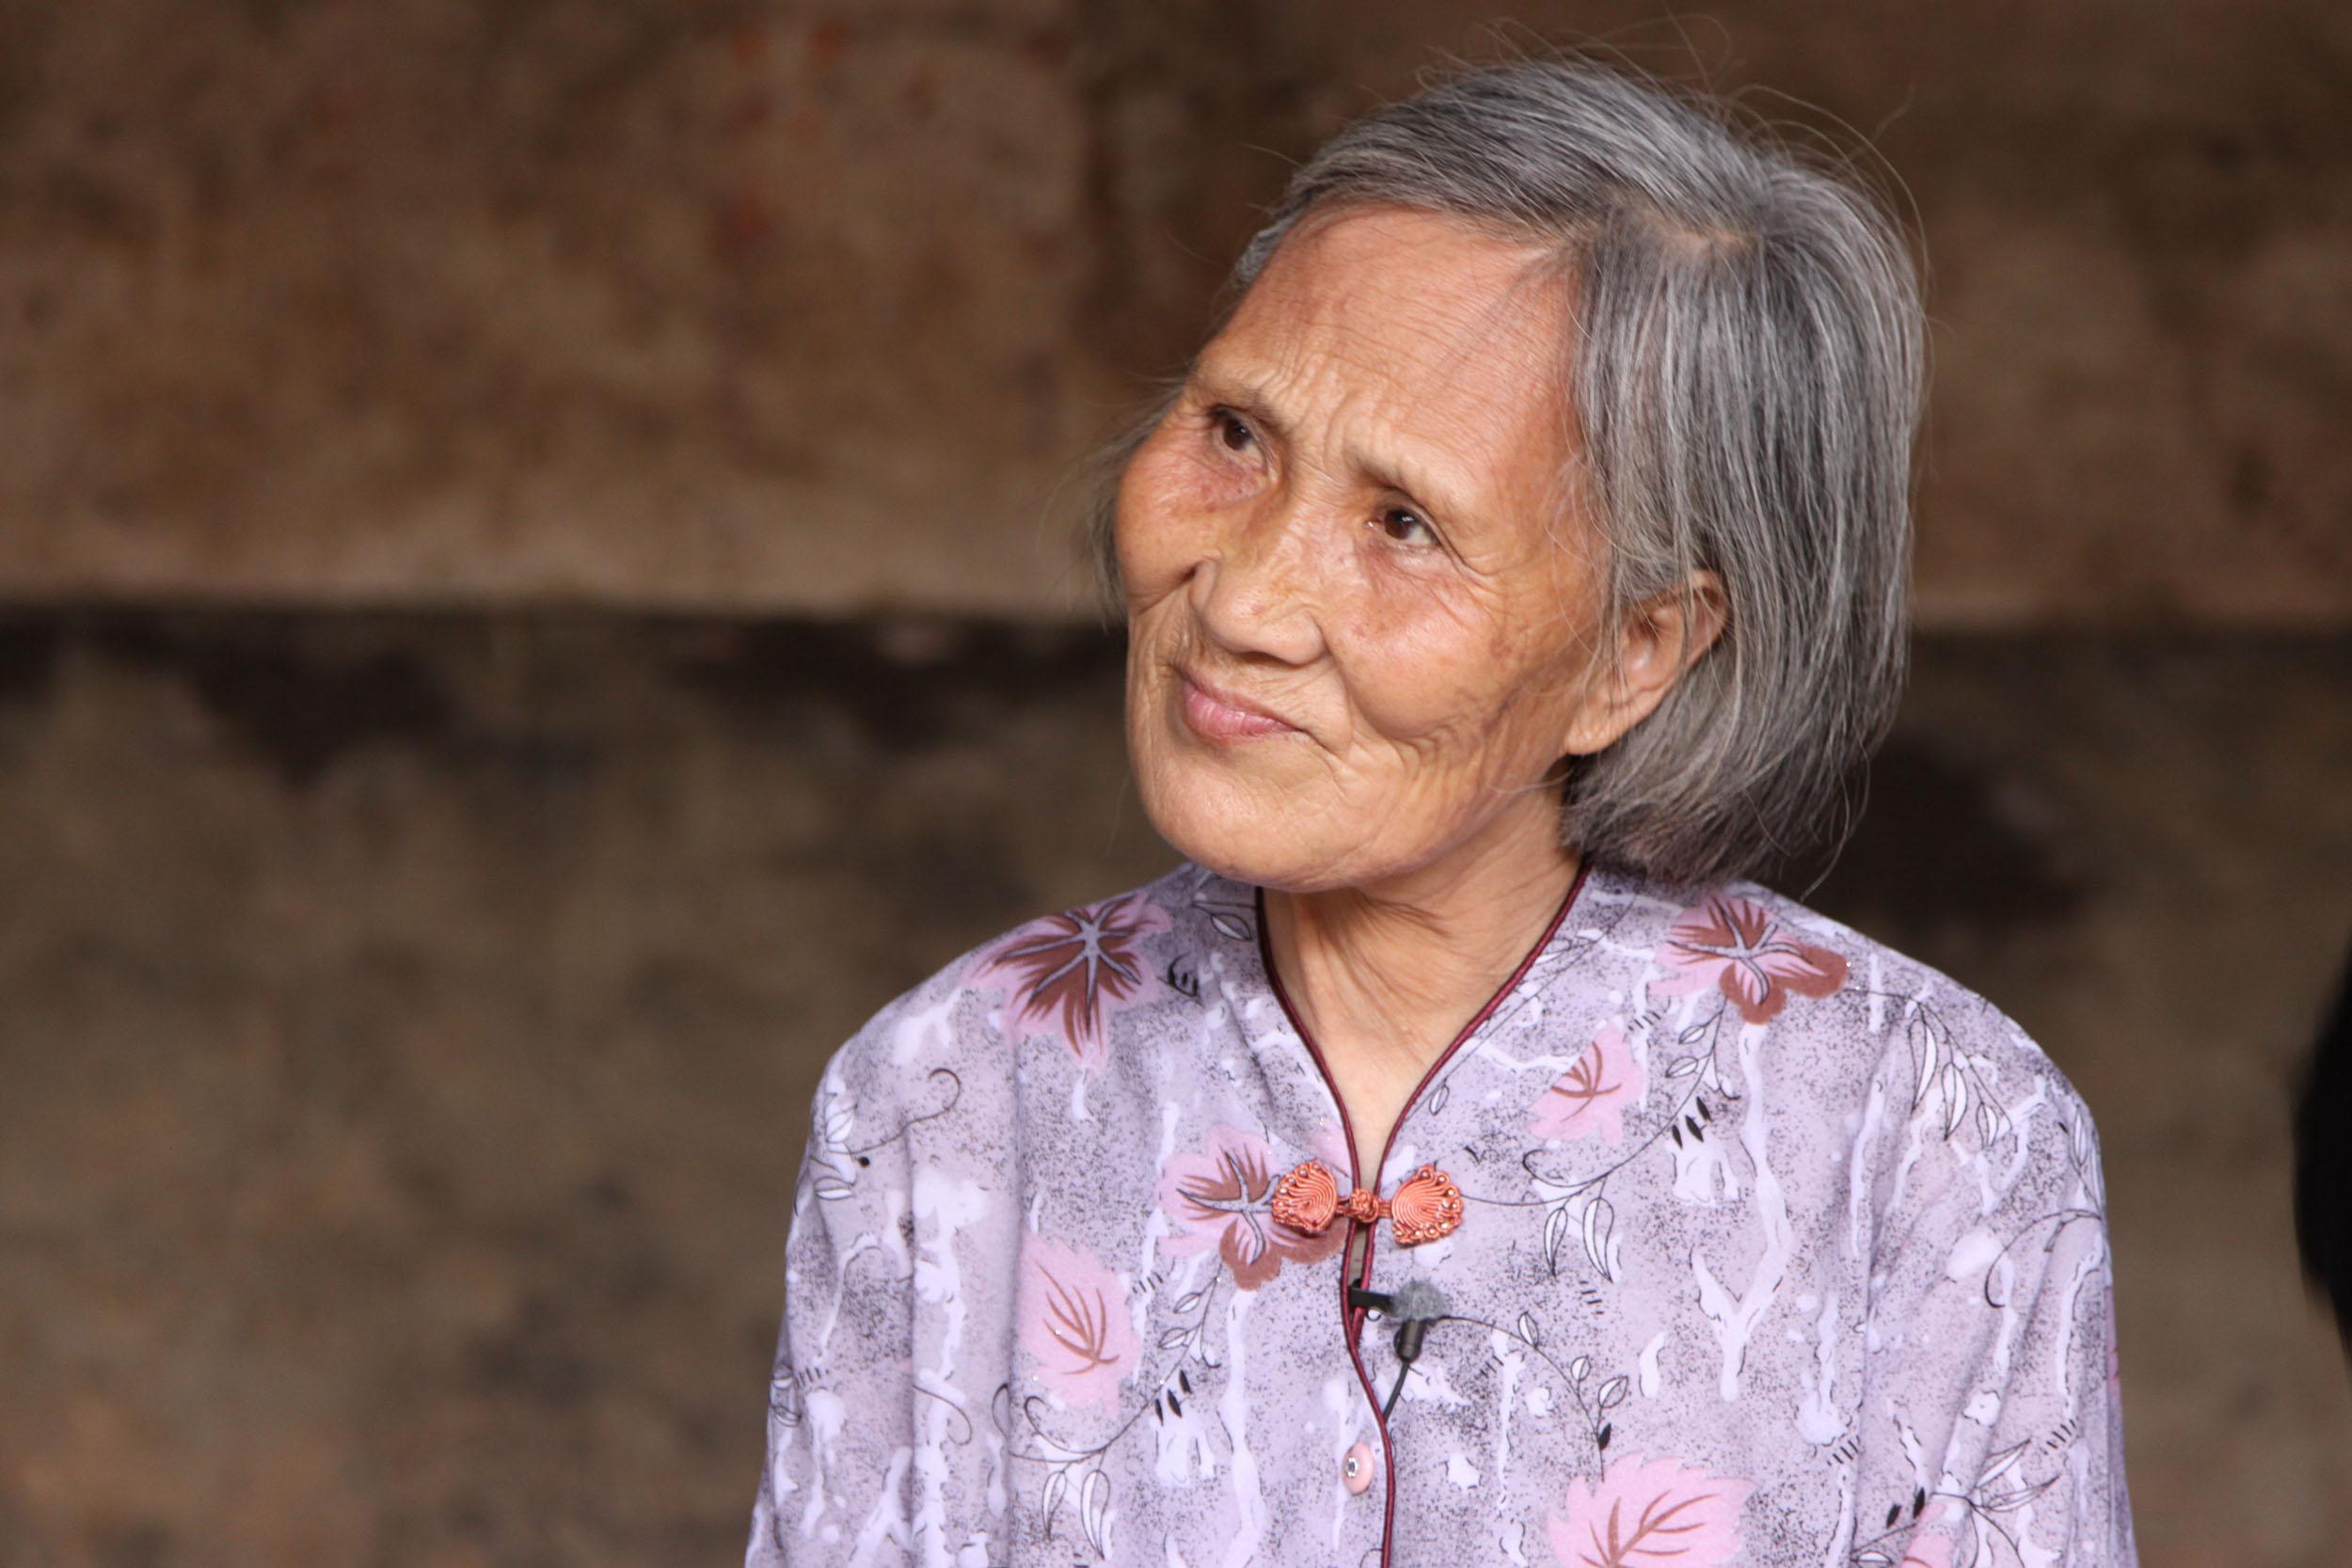 何豔新從小跟著外婆學女書。外婆唱一首,她跟著唱,唱完外婆便把字寫在她的手心,讓她到屋外拿枝條在地上練習。大躍進時,因糧食不足,外婆遭媳婦虐待,一度自殺;獲救後以 85 歲高齡改嫁,翌年淒涼辭世。為告慰外婆,何豔新寫下四本女書陪葬,將女書「還」給外婆,從此封筆。圖│周震